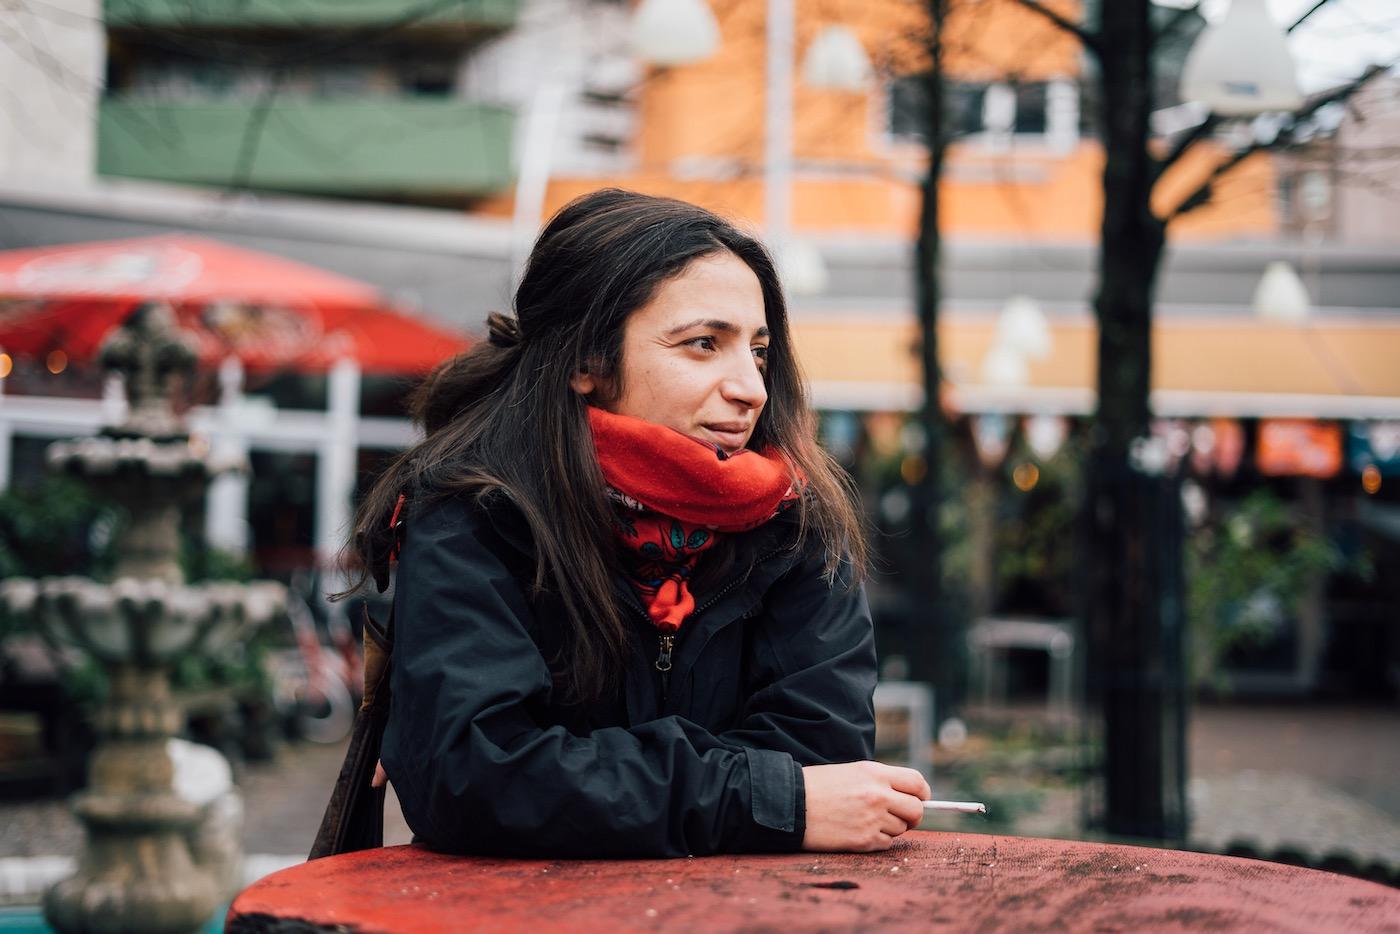 Aufgewachsen ist Fatma Kar selbst in Thüringen, lebt heute in Berlin.